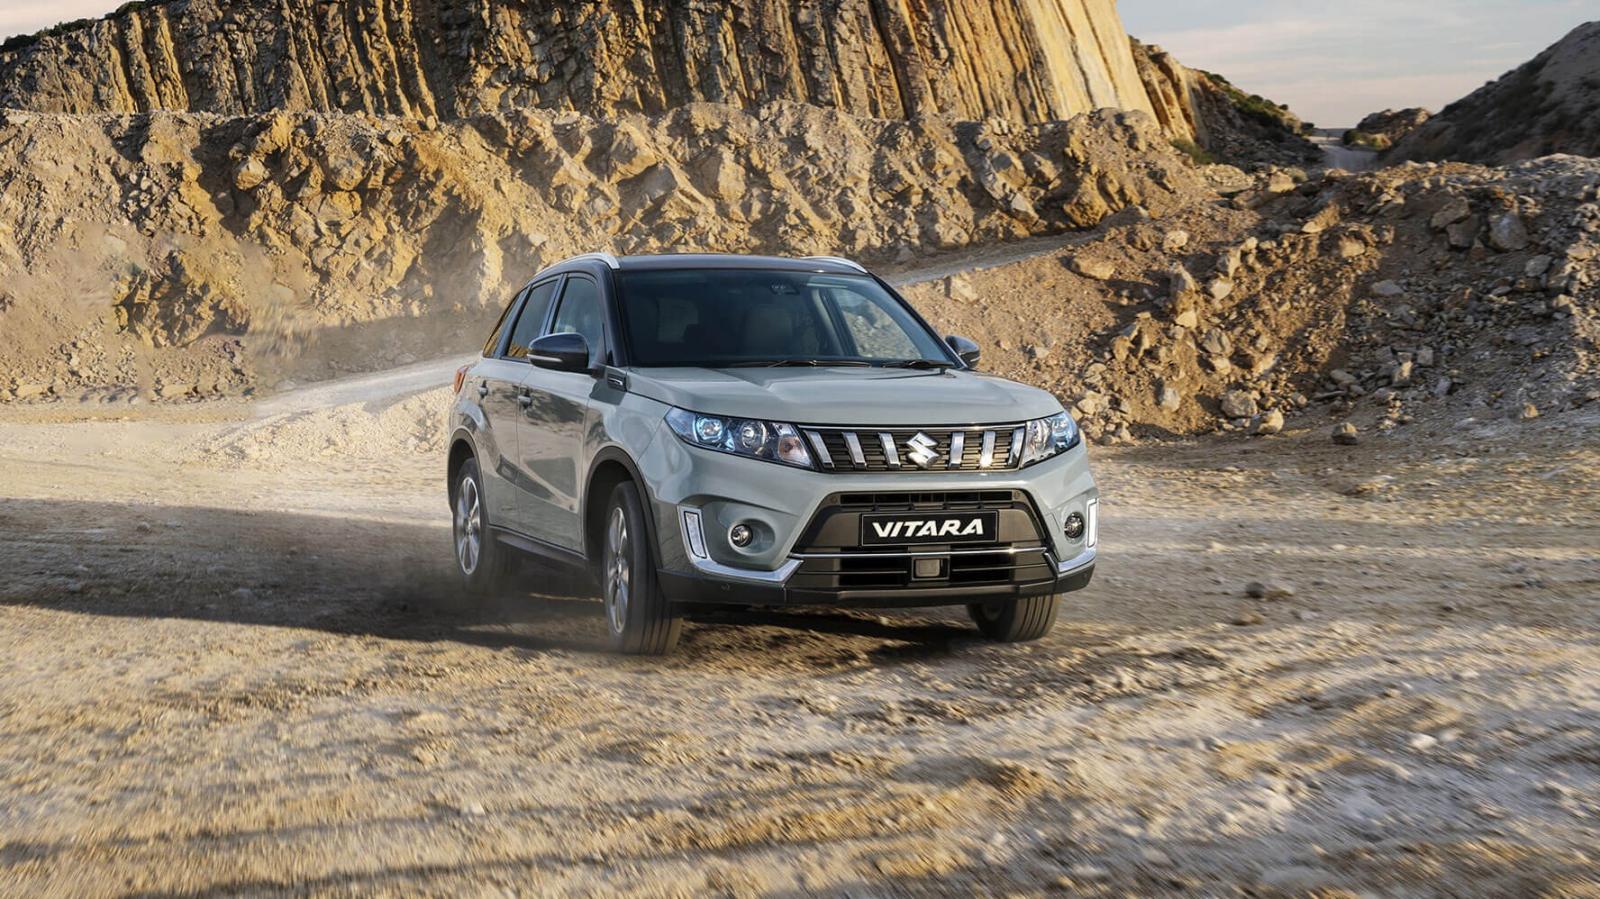 Su paquete de seguridad Suzuki Vitara Boosterjet All Grip 2020 resena opiniones inspira confianza e invita a salir a carretera con la familia